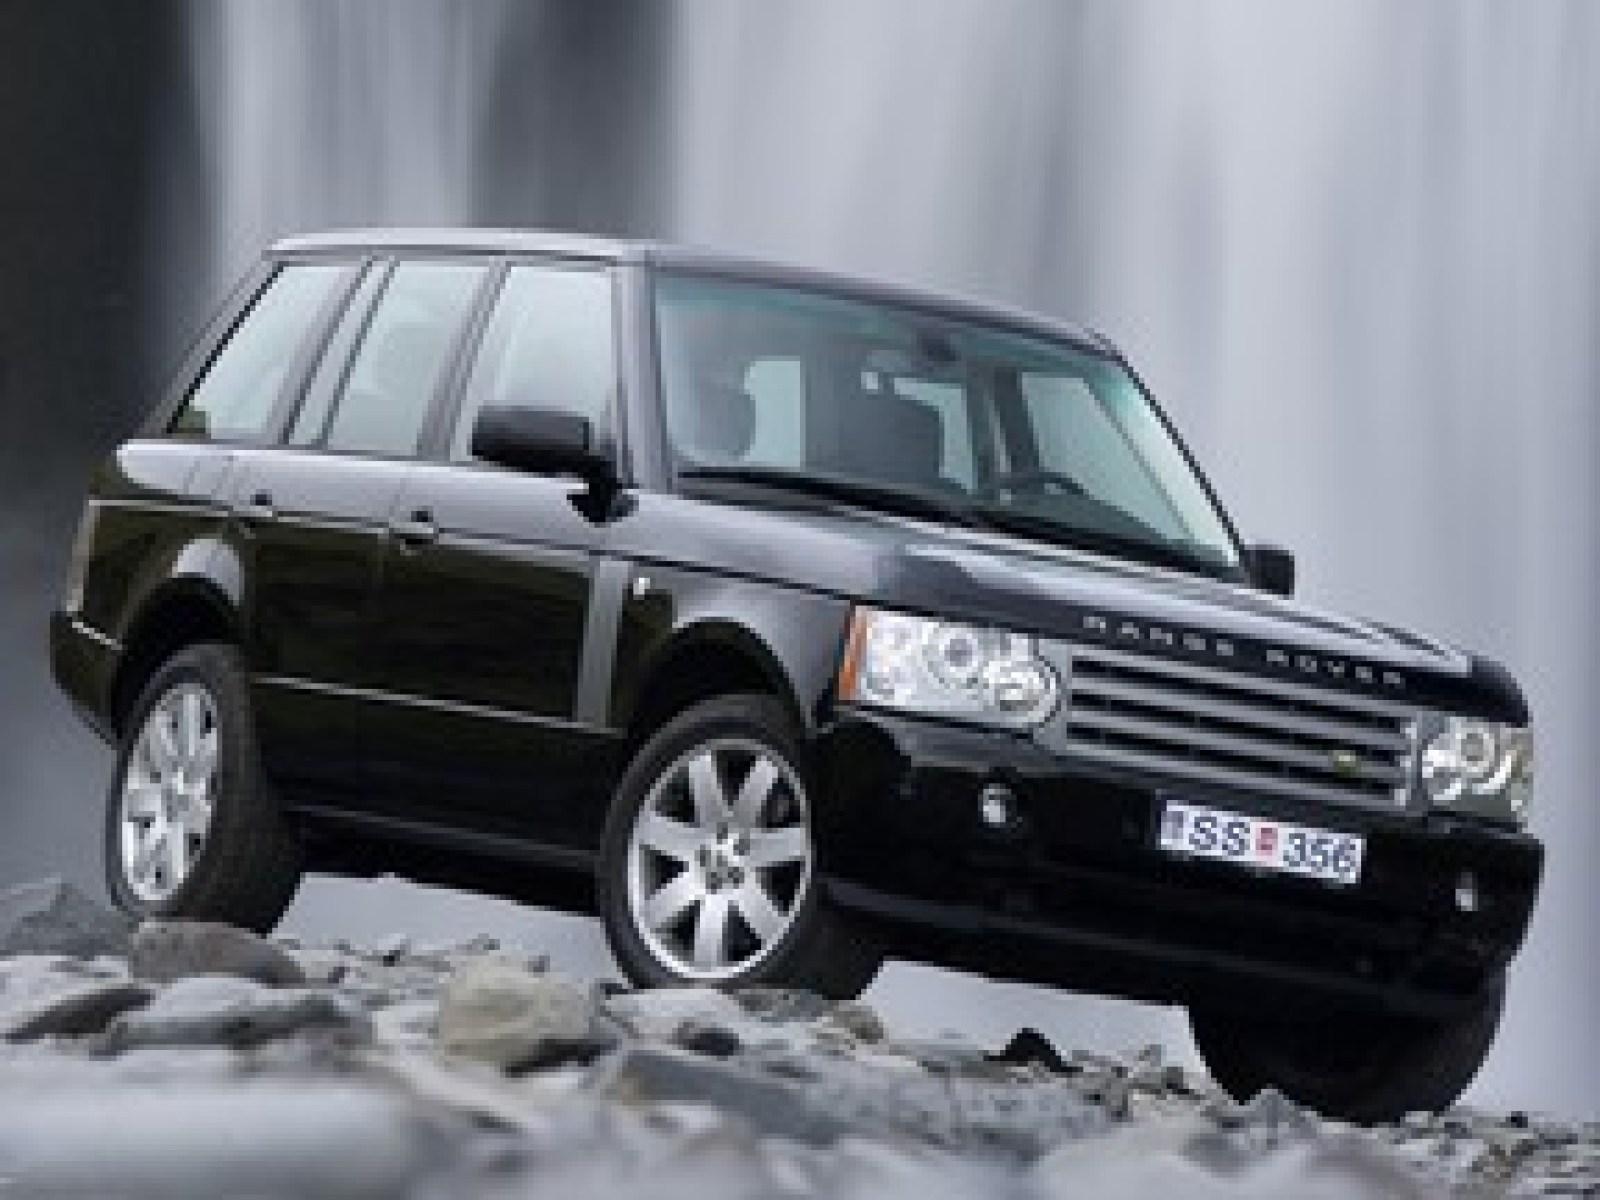 A 2005 Land Rover Range Rover